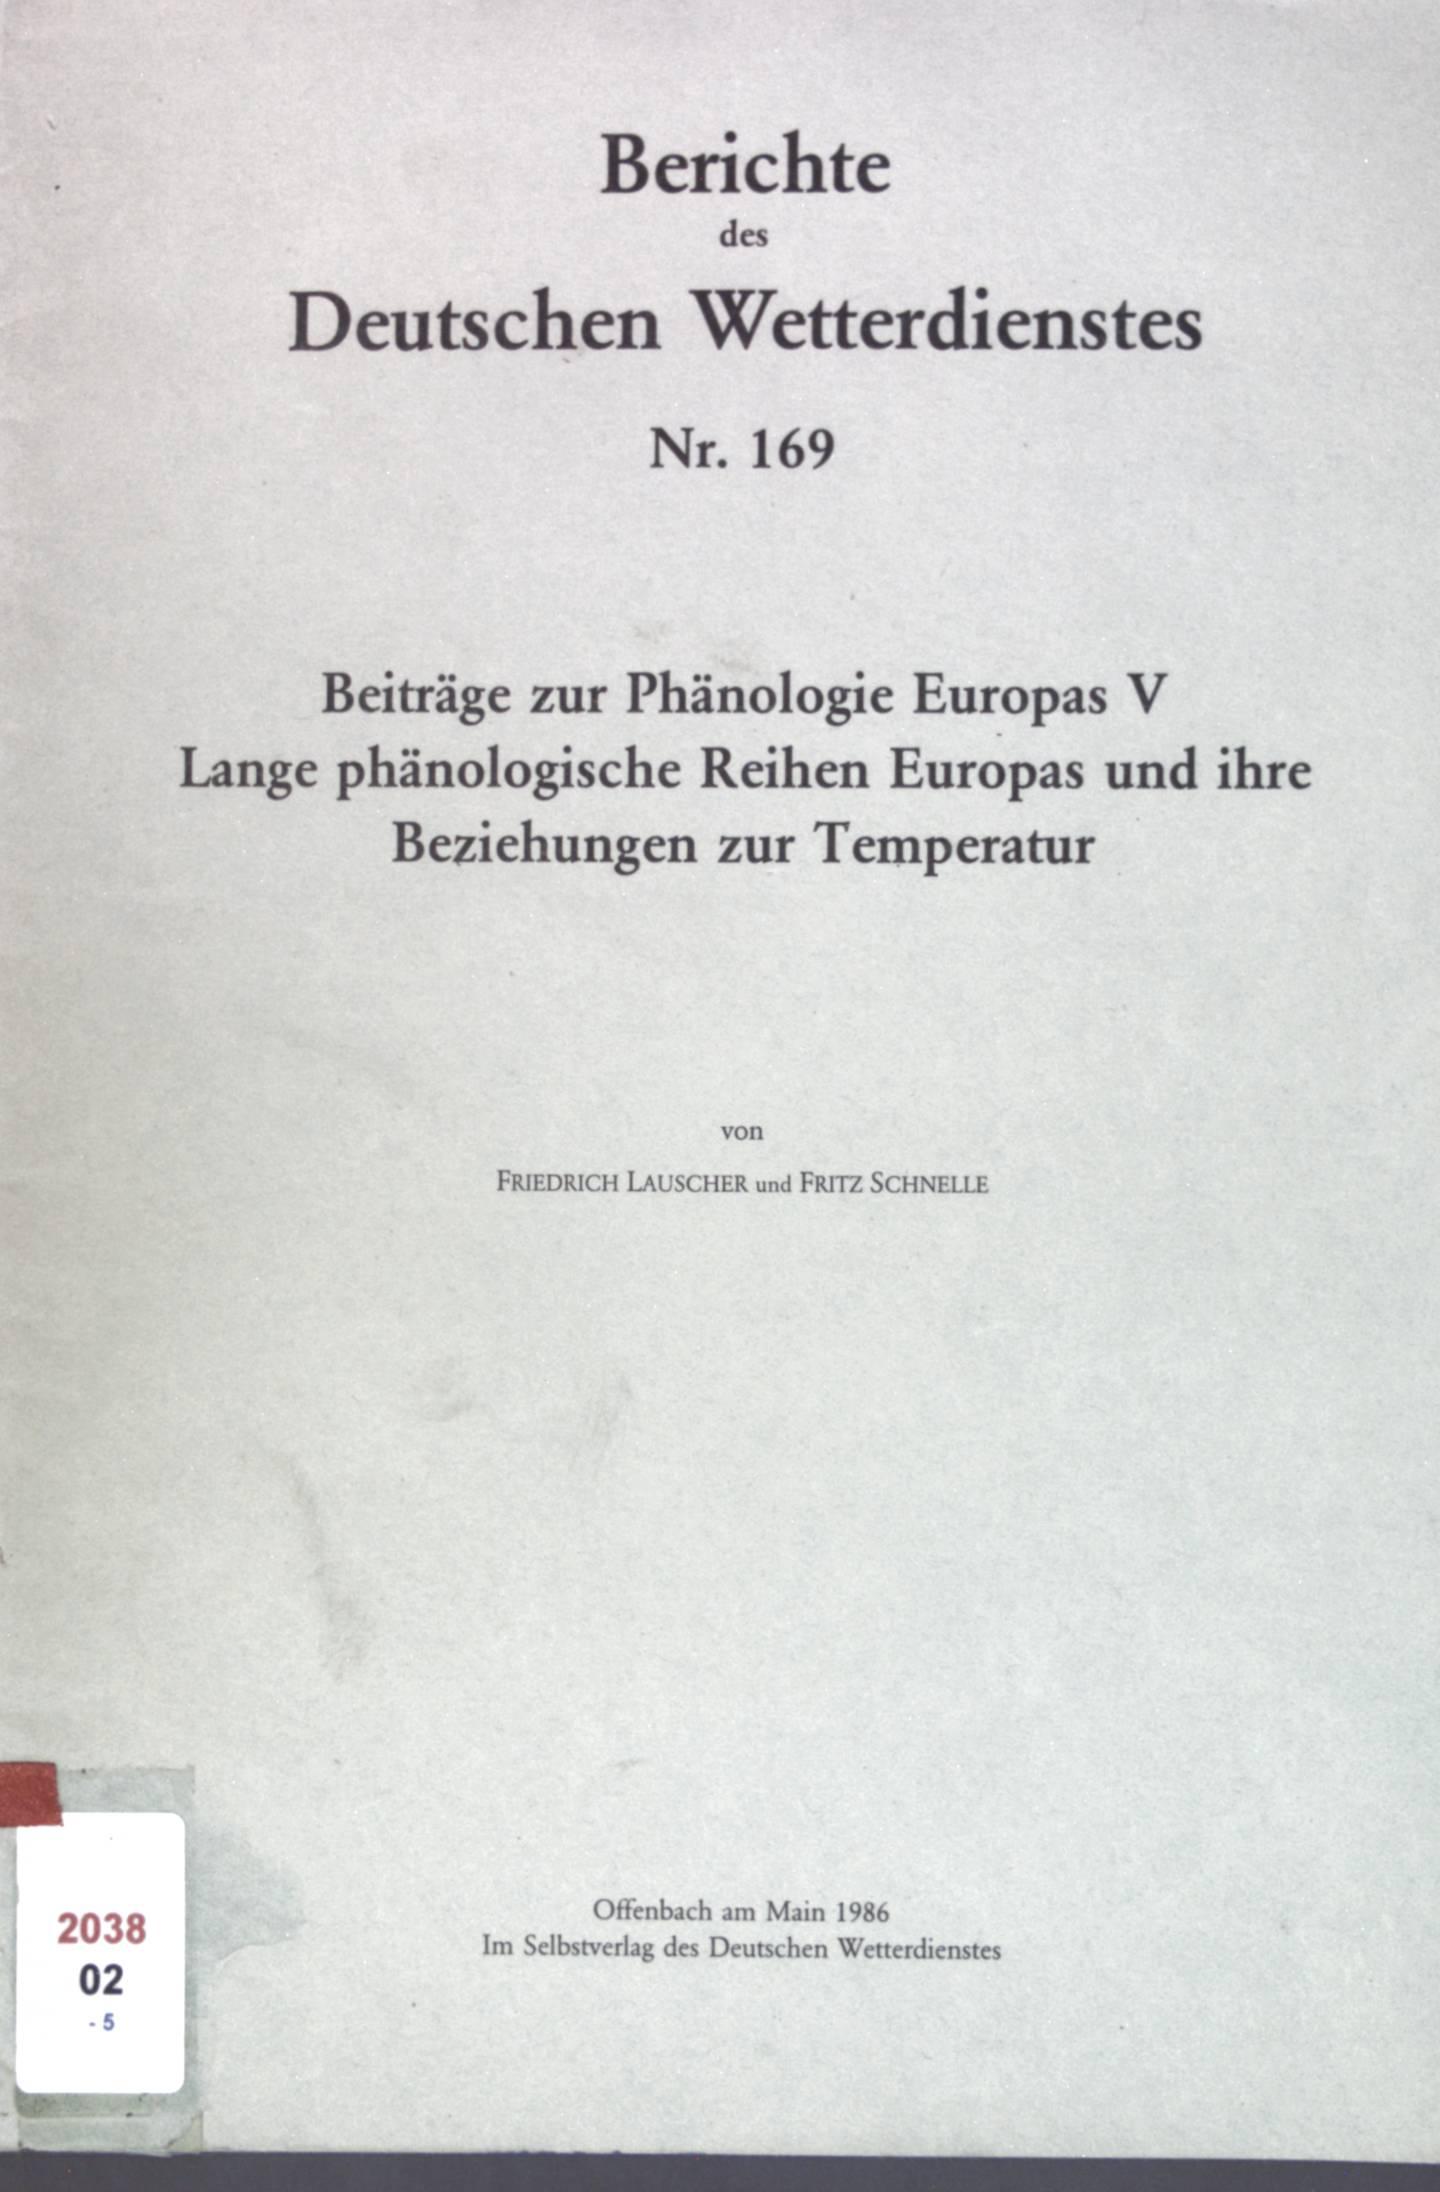 Lange phänologische Reihen Europas und ihre Beziehungen: Lauscher, Friedrich und